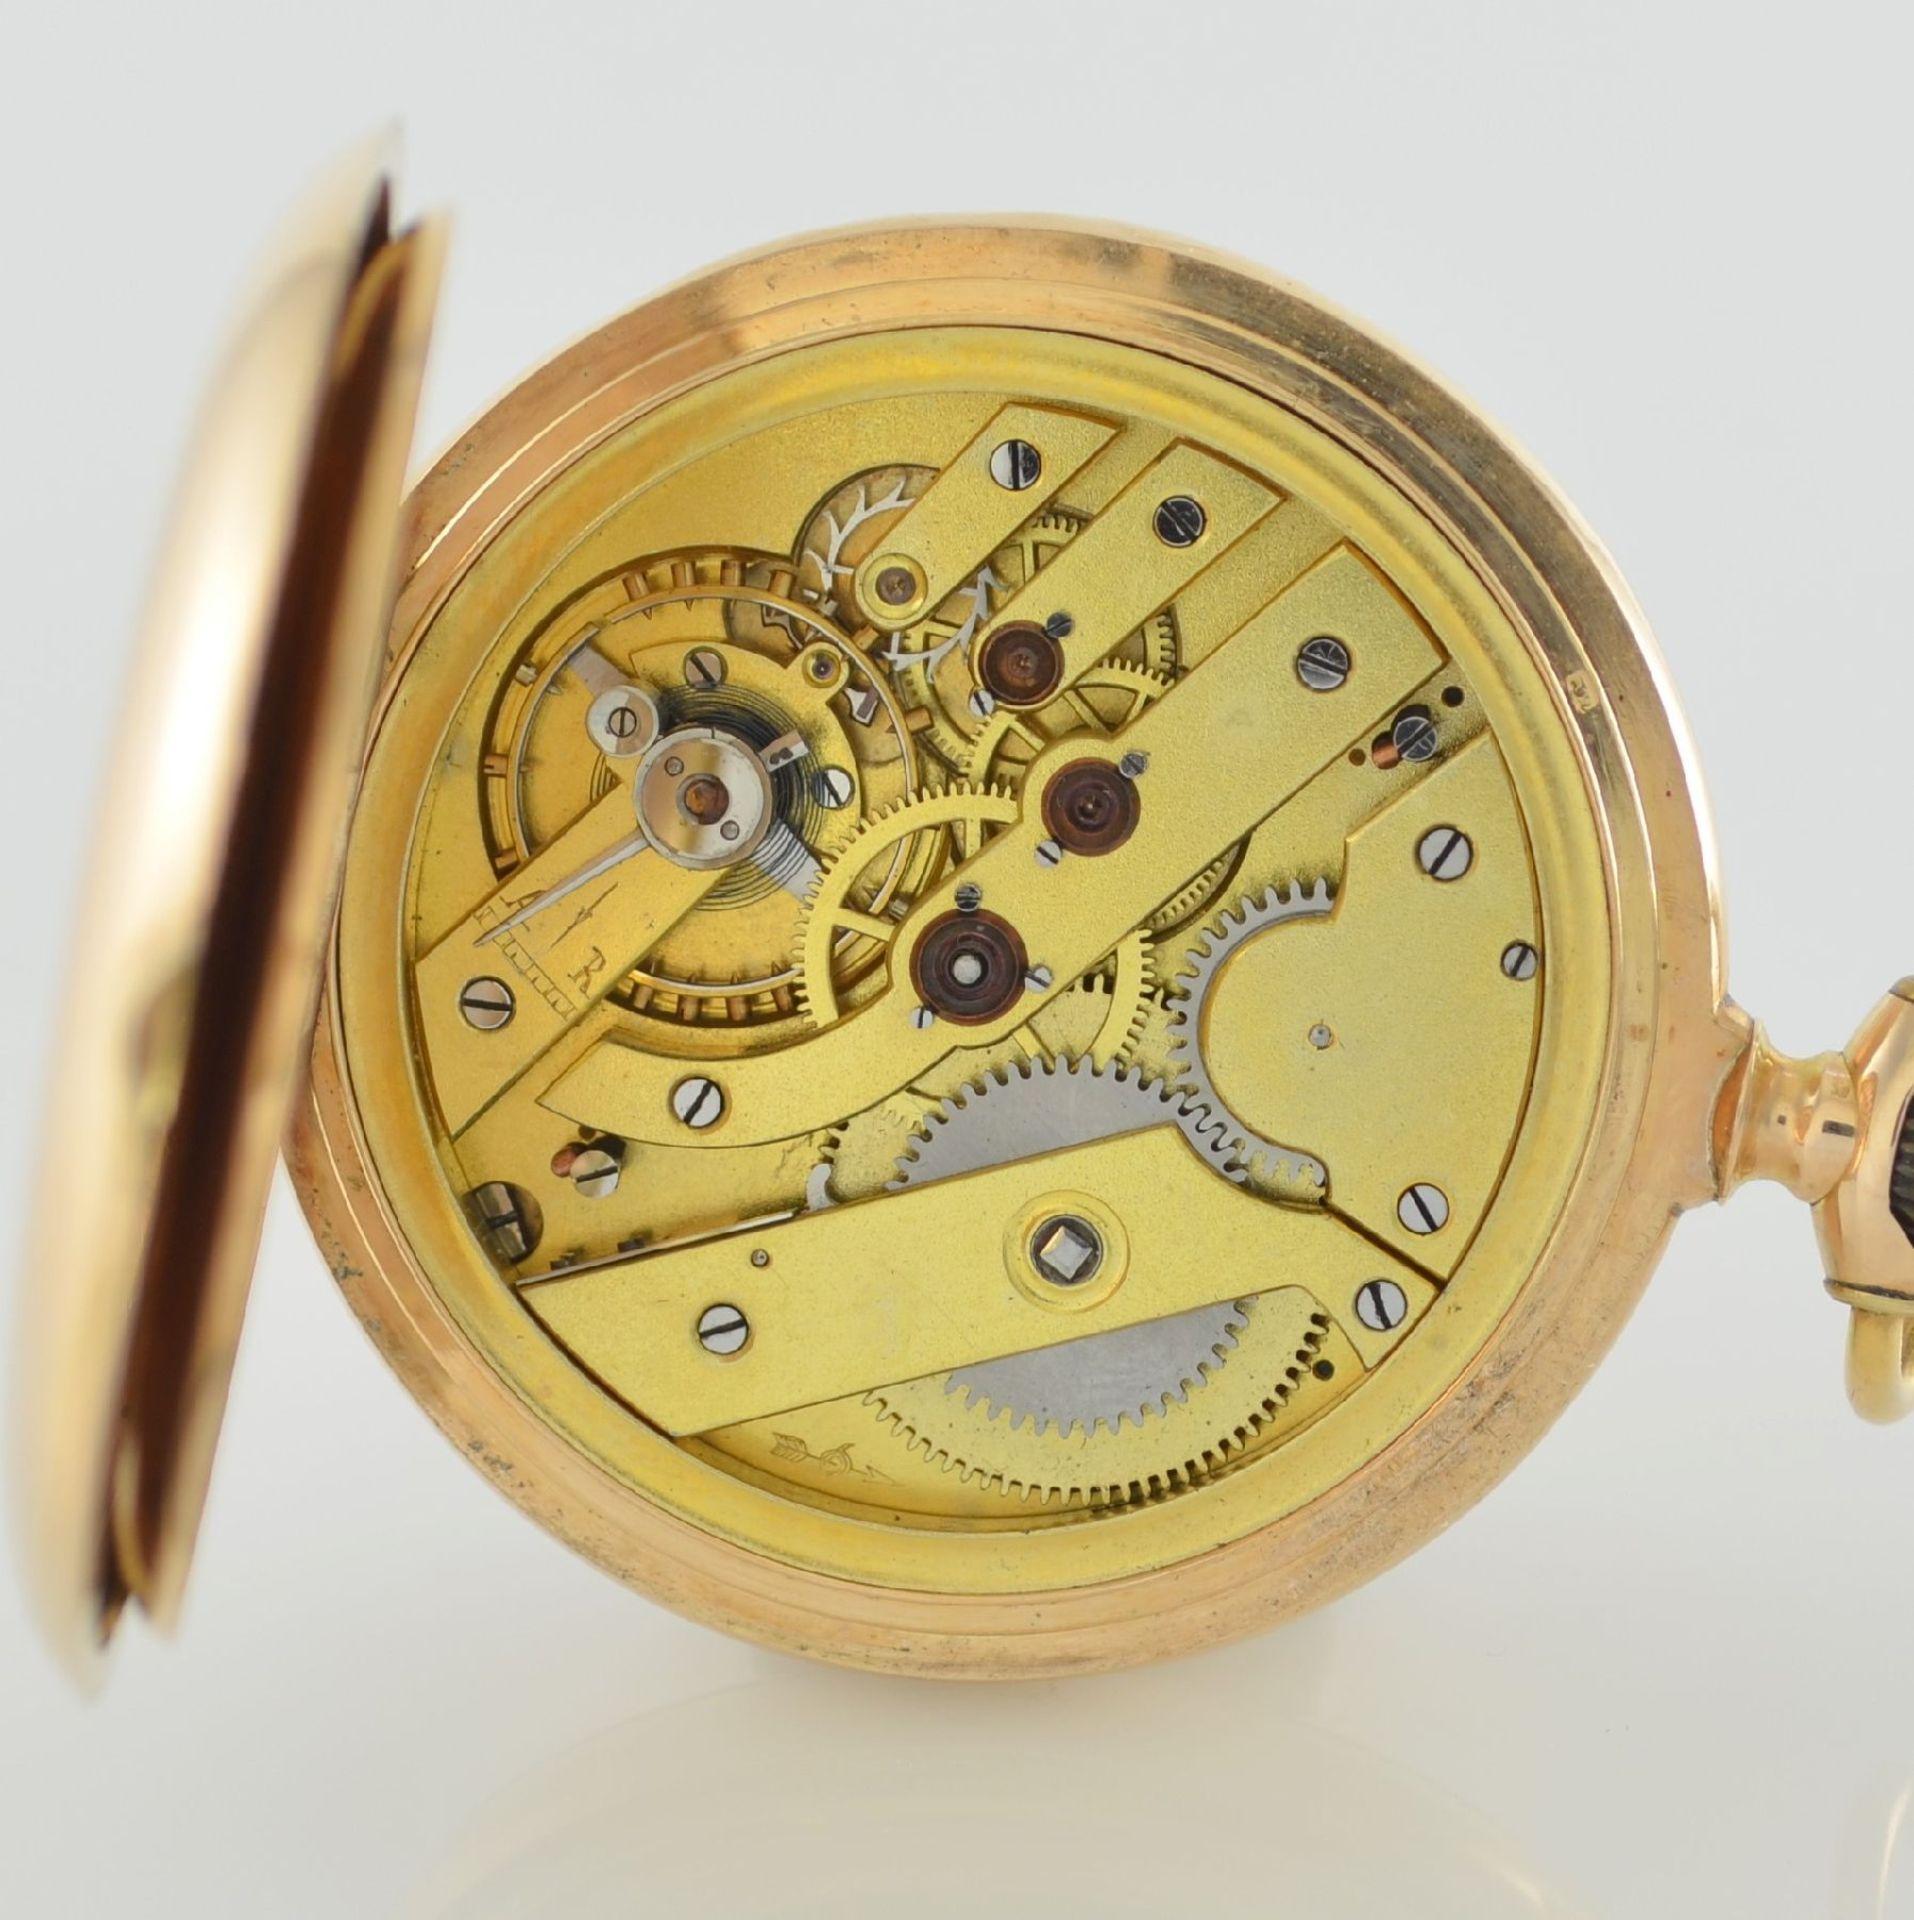 Herrensavonette in RG 585/000, Schweiz um 1900, guill. 3-Deckel-Goldgeh. dell. m. à- goutte- - Bild 7 aus 7